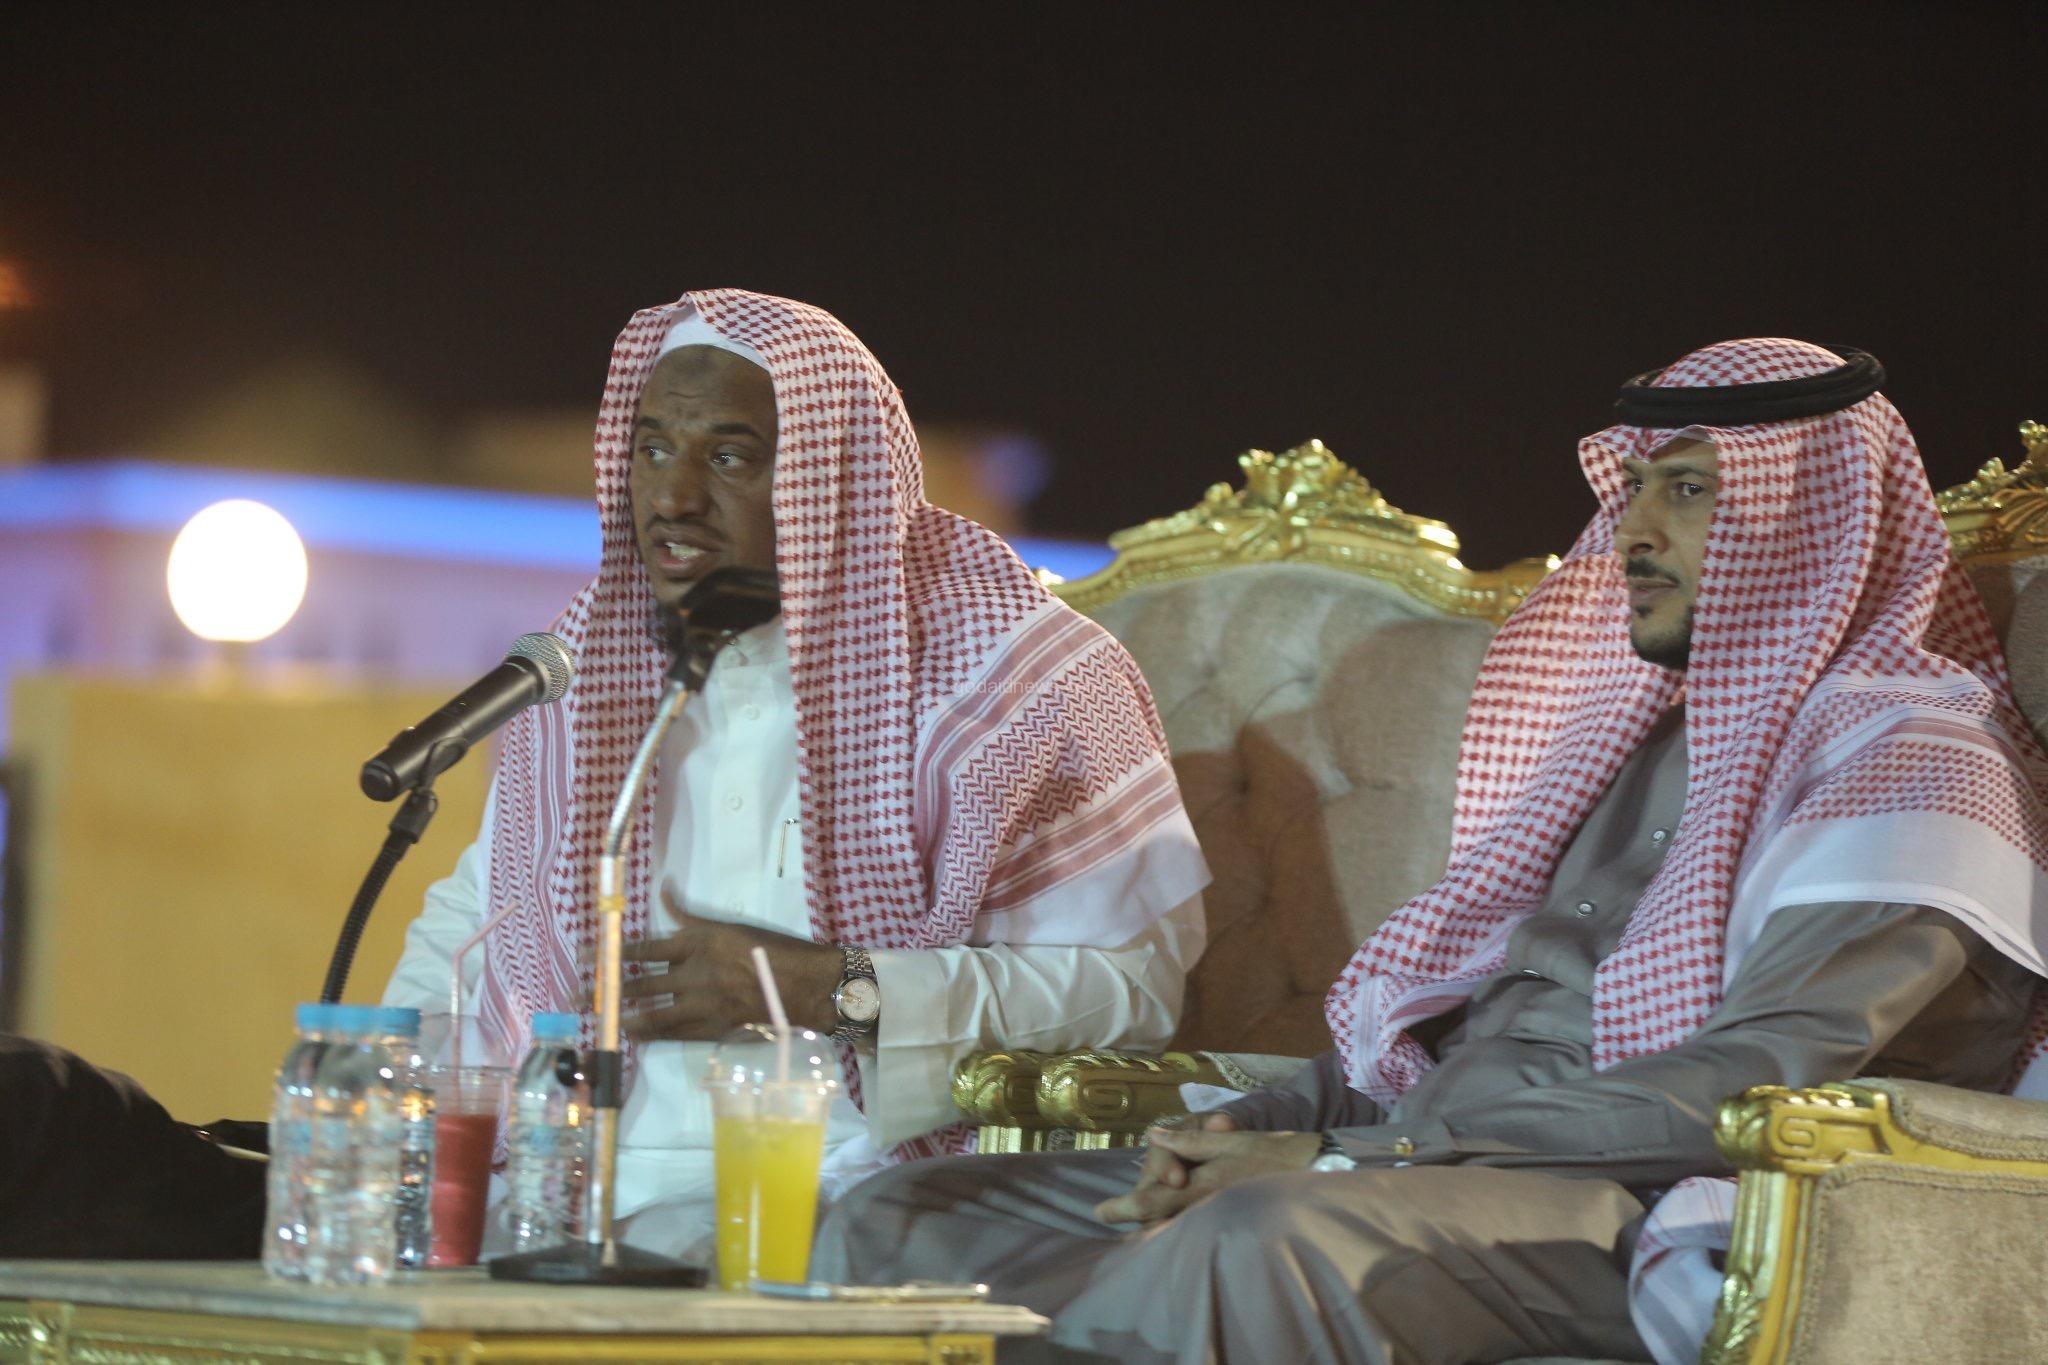 الشيخ الجبيلان ضيفًا على مهرجان عسفان الأول